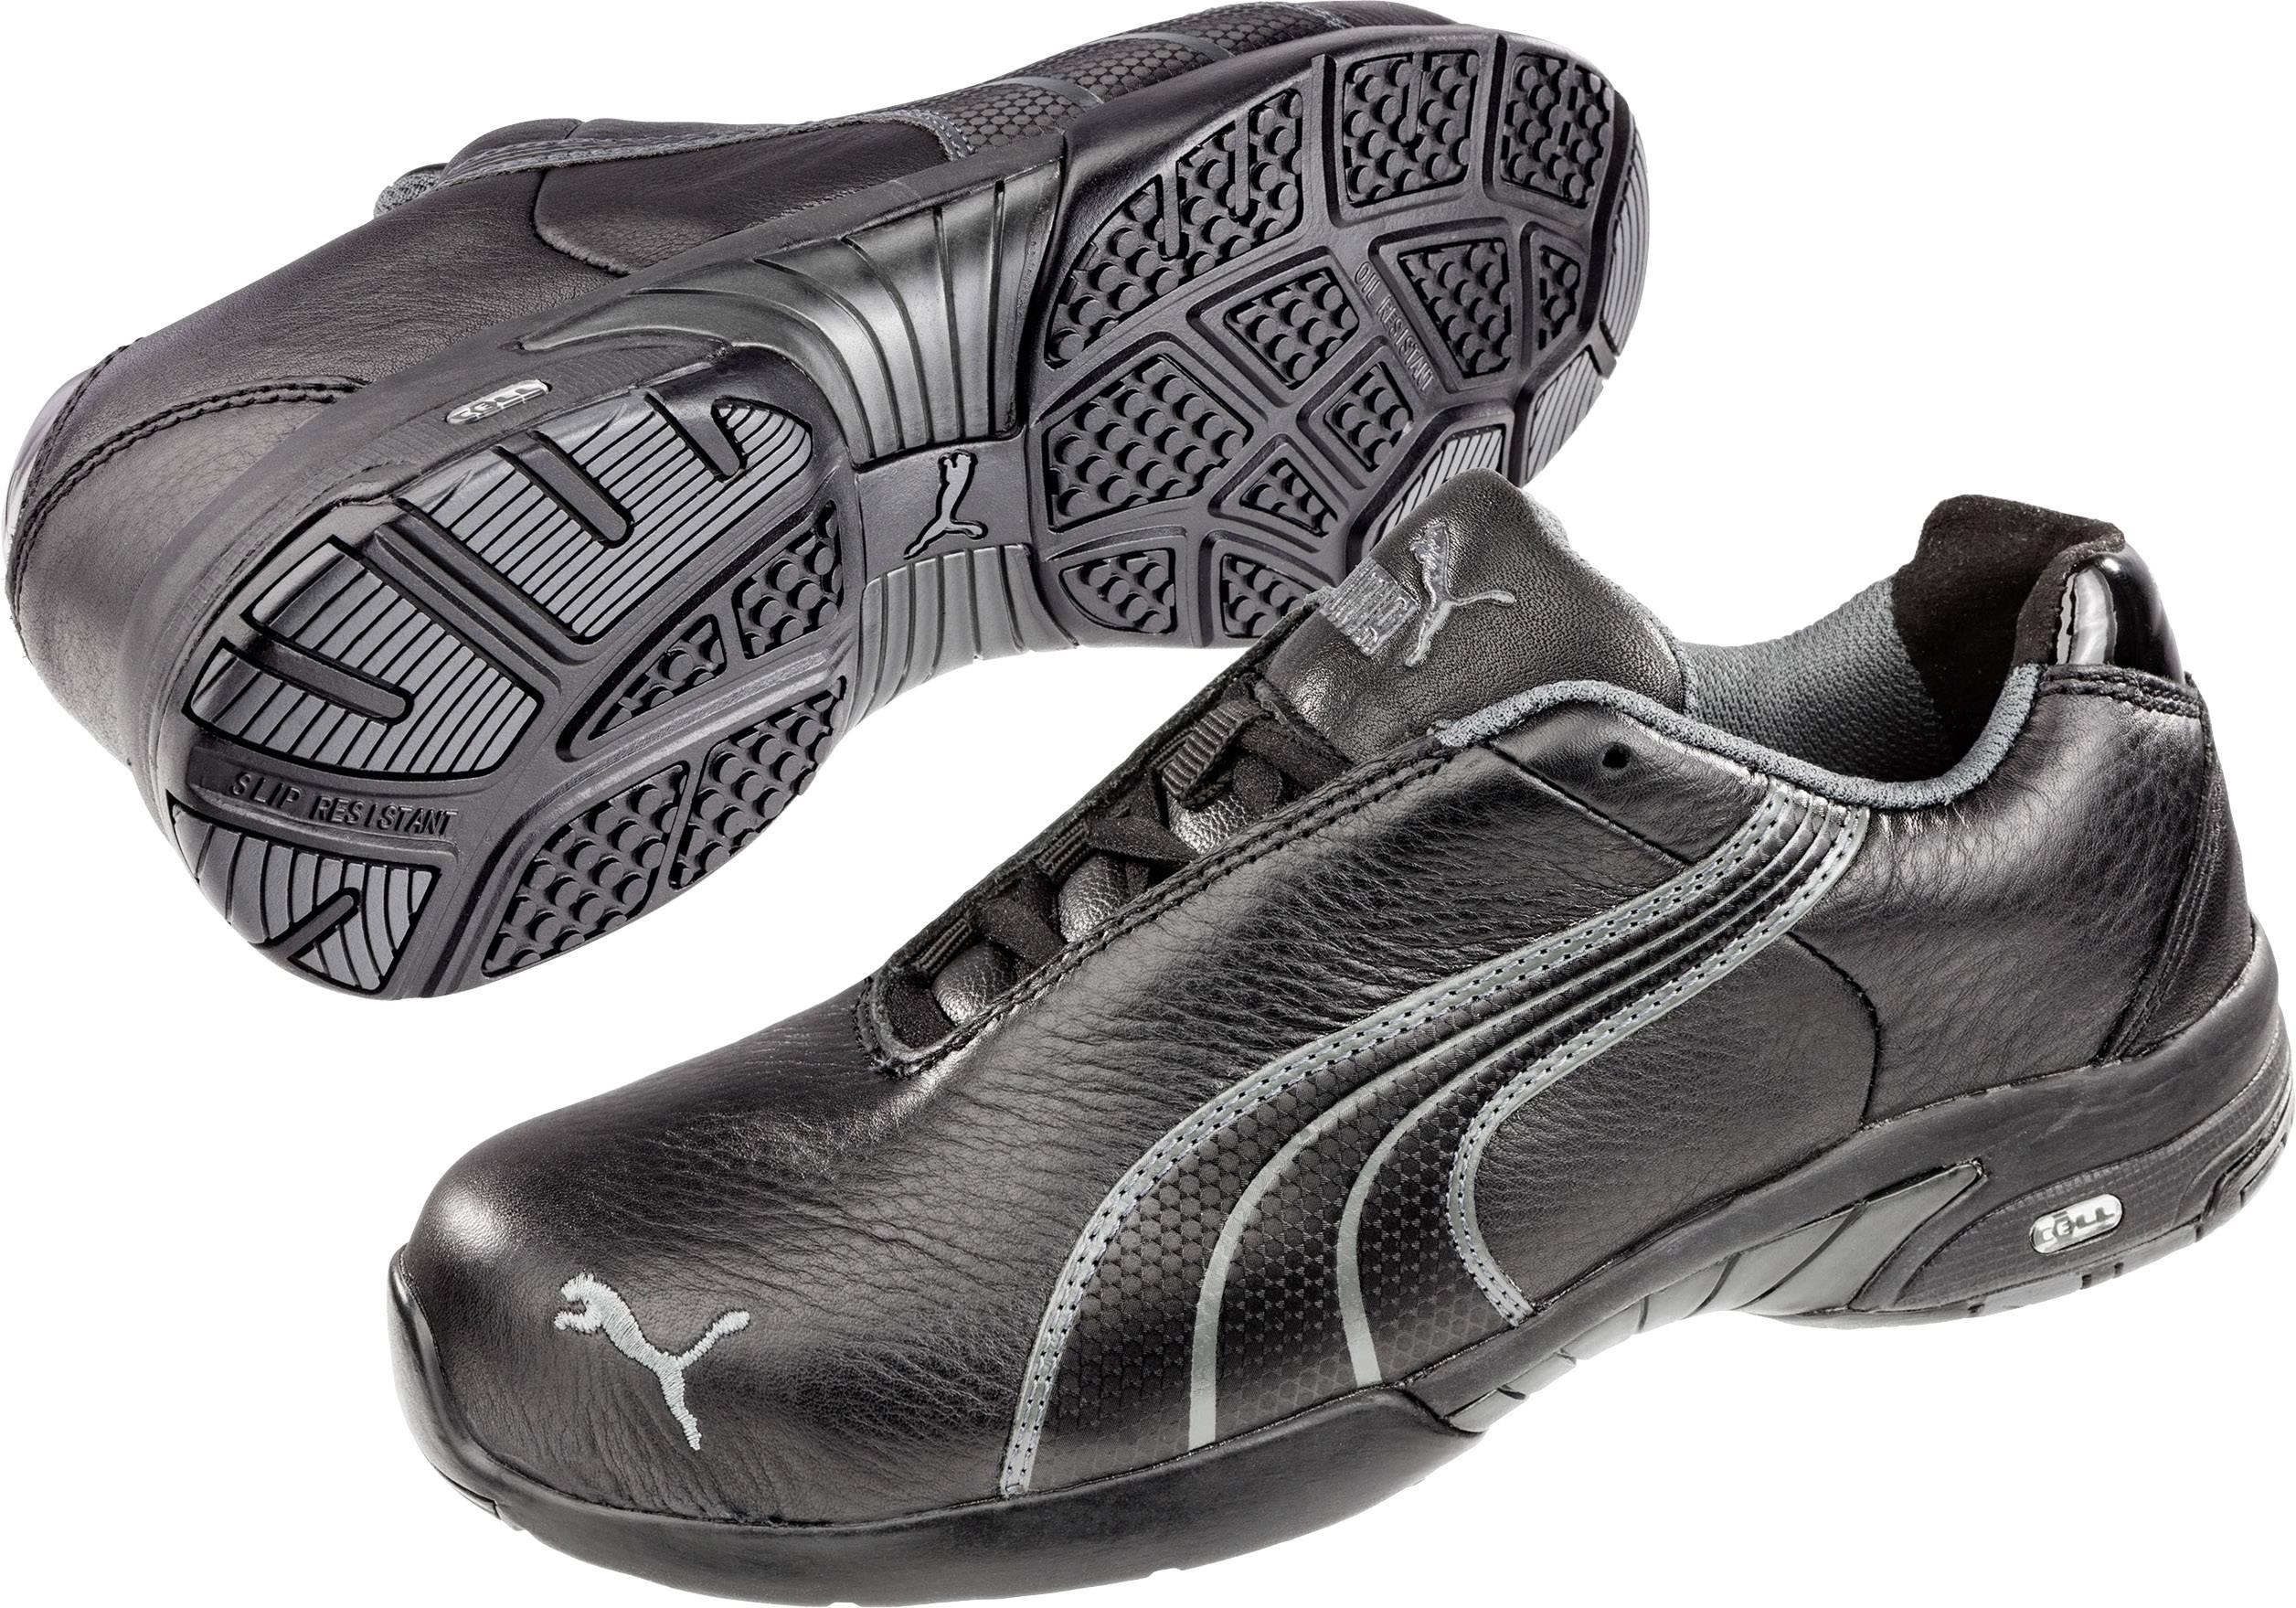 check-out 2d648 49fae PUMA Safety Velocity Wns Low 642850 Chaussures basses de sécurité S3  Taille: 38 noir 1 paire